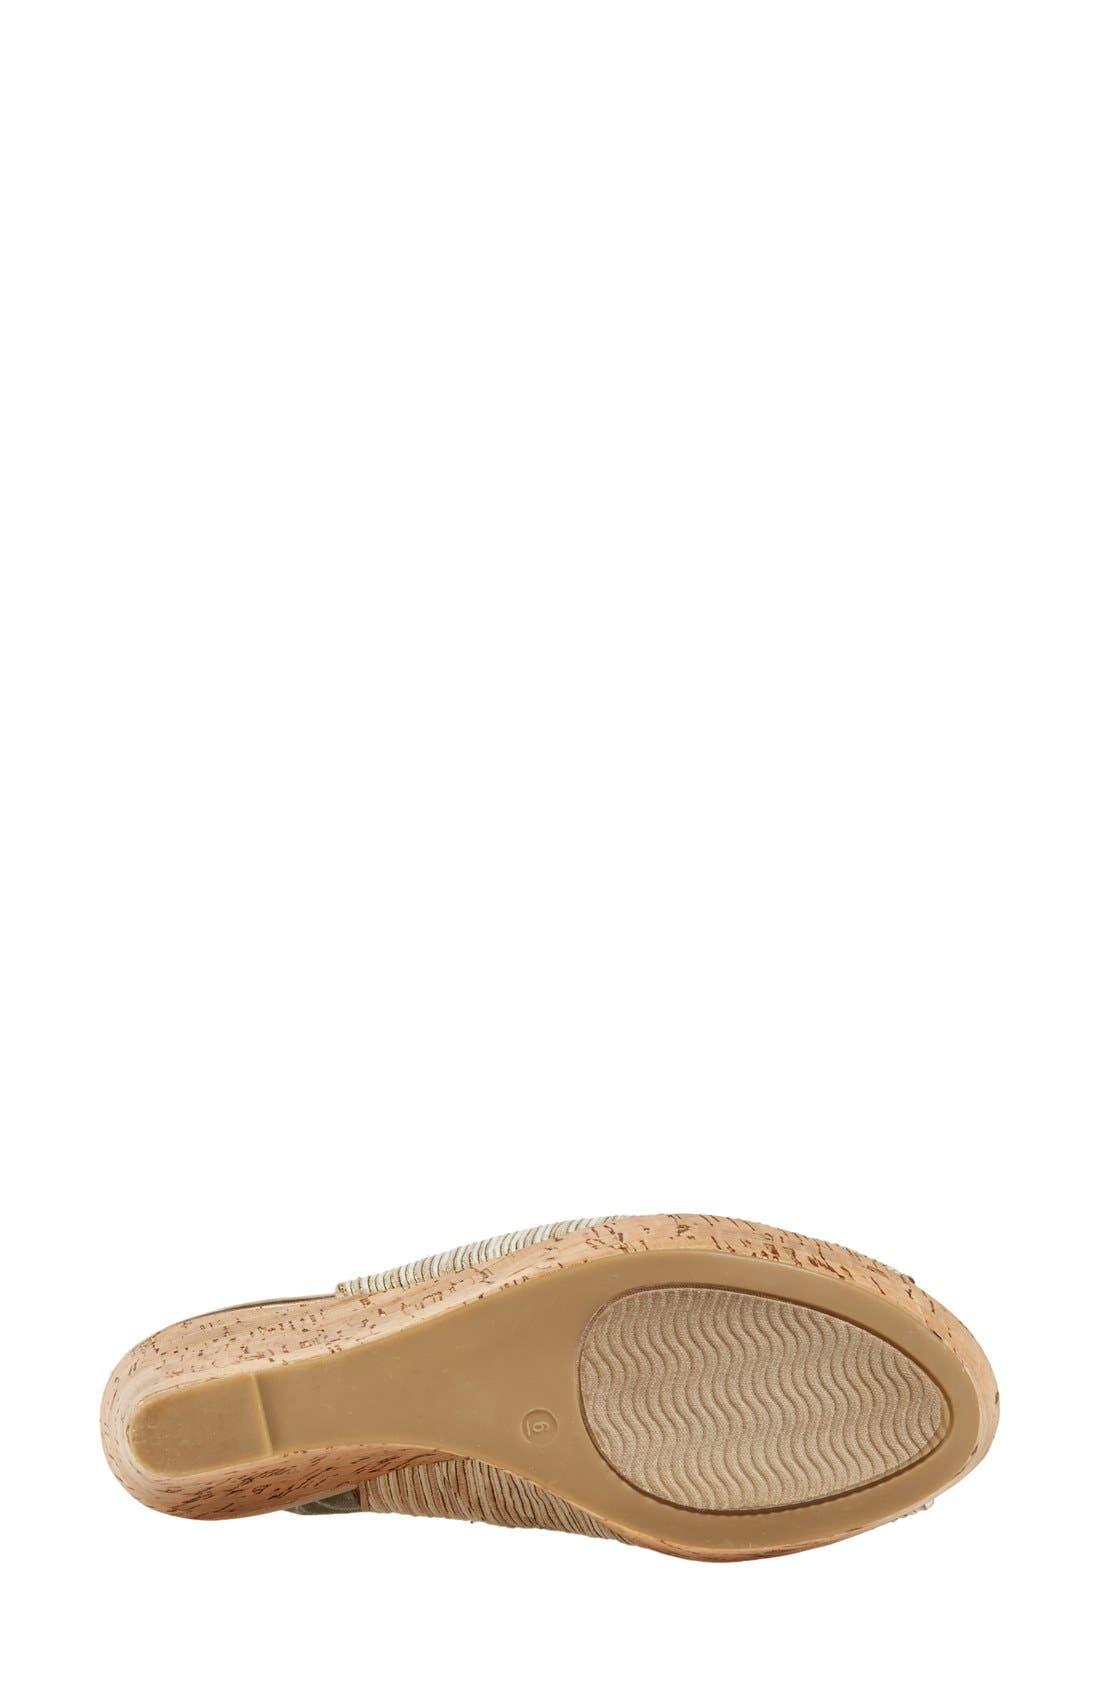 Alternate Image 4  - Pelle Moda 'Colby' Slingback Wedge Sandal (Women)